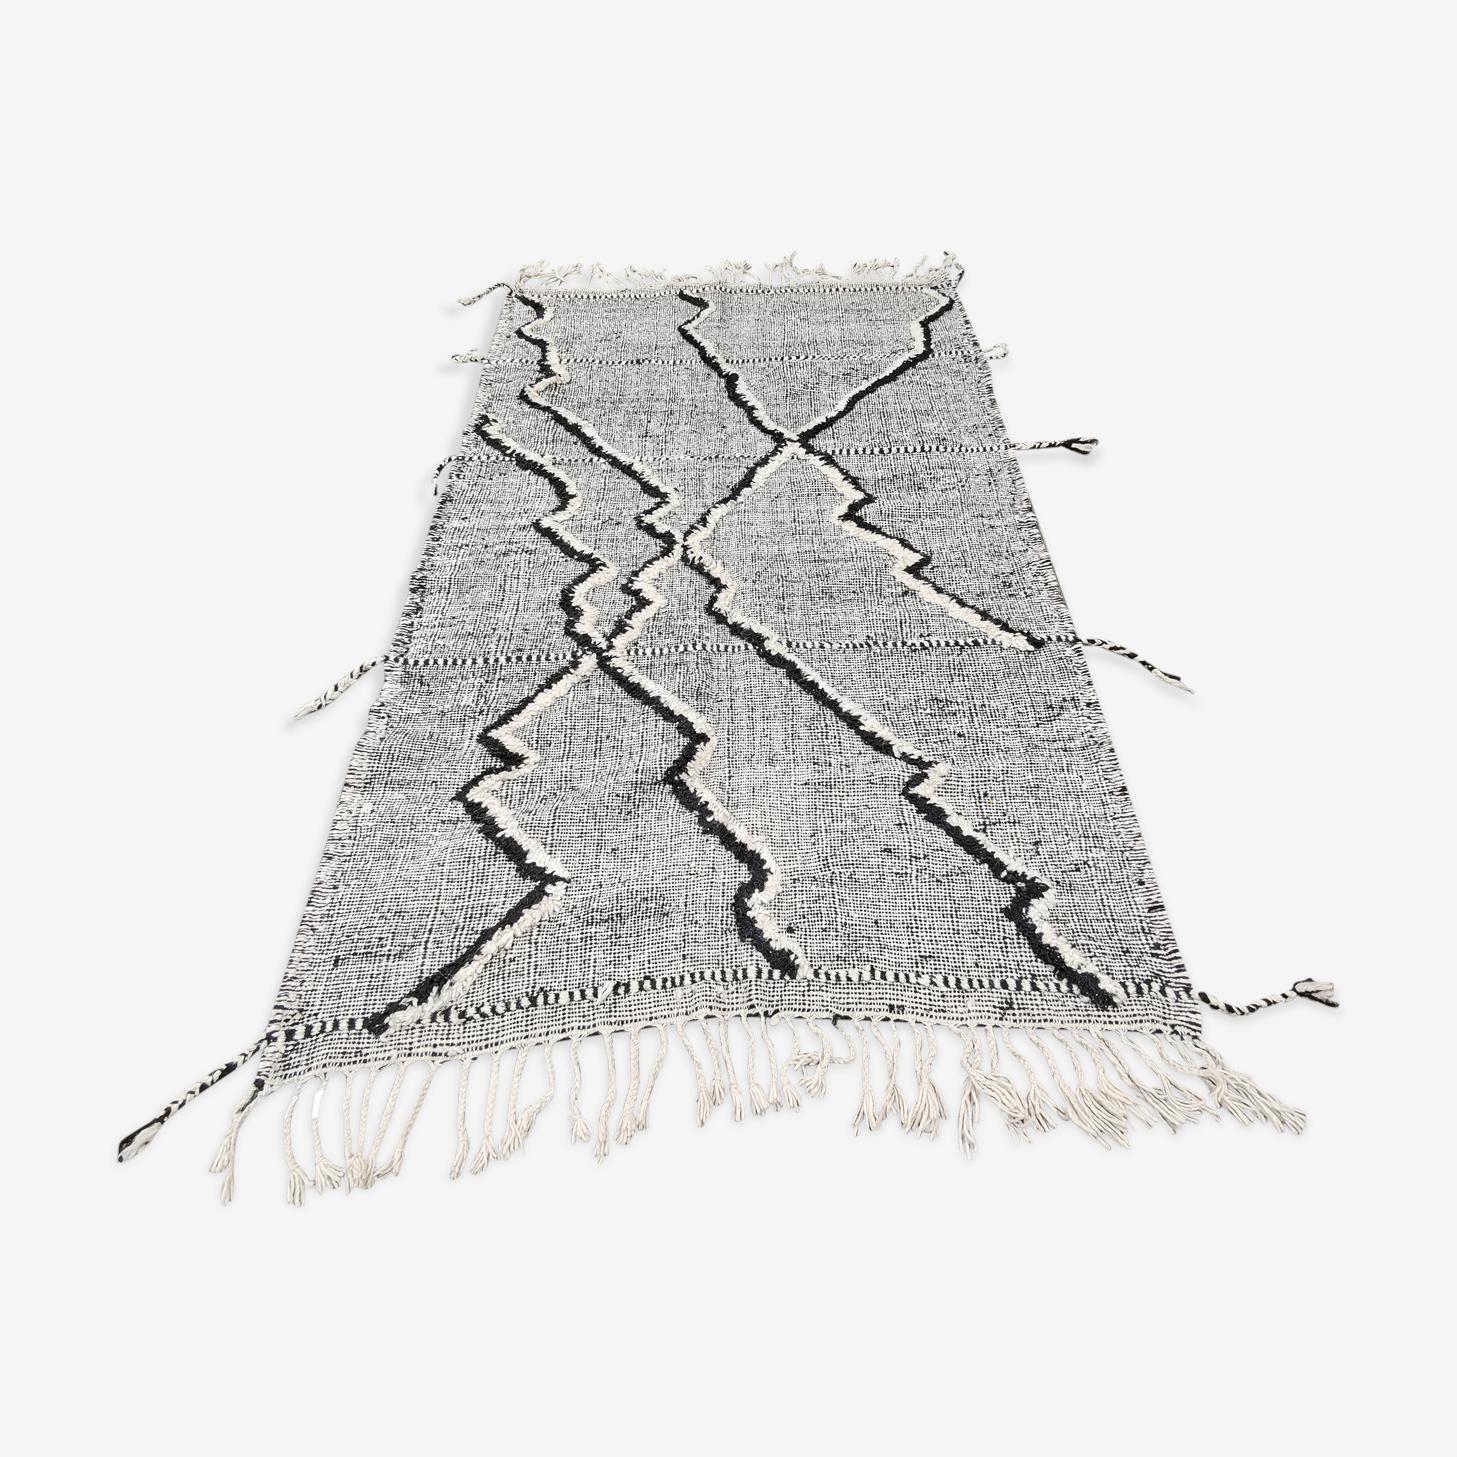 Berber rug Kilim  240x150 cm